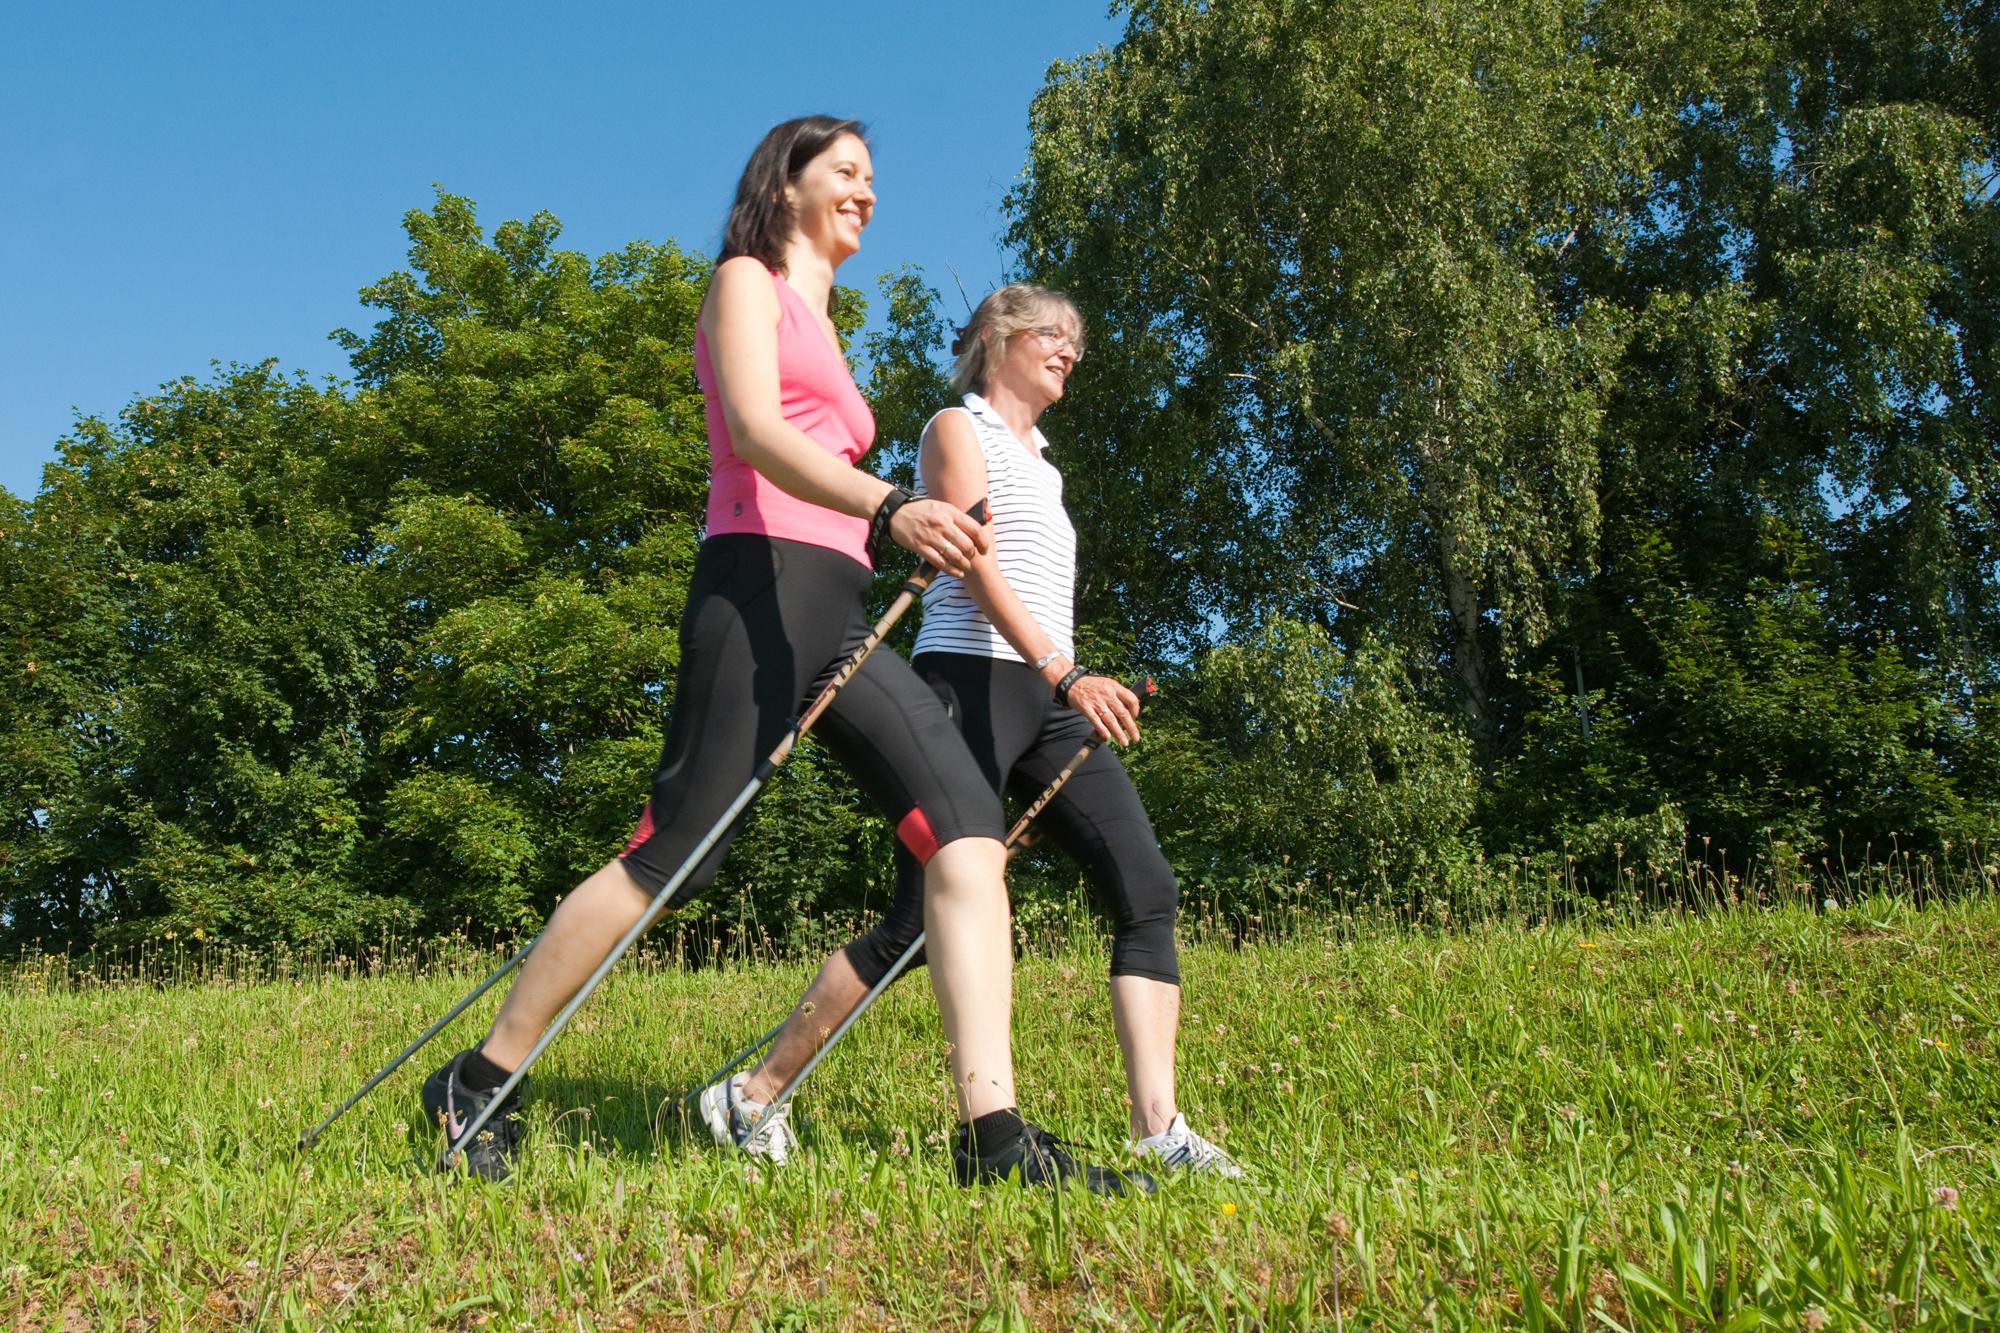 """Gewichtsabnahme: """"Gesündere Hormone"""" durch Ernährung und Sport"""